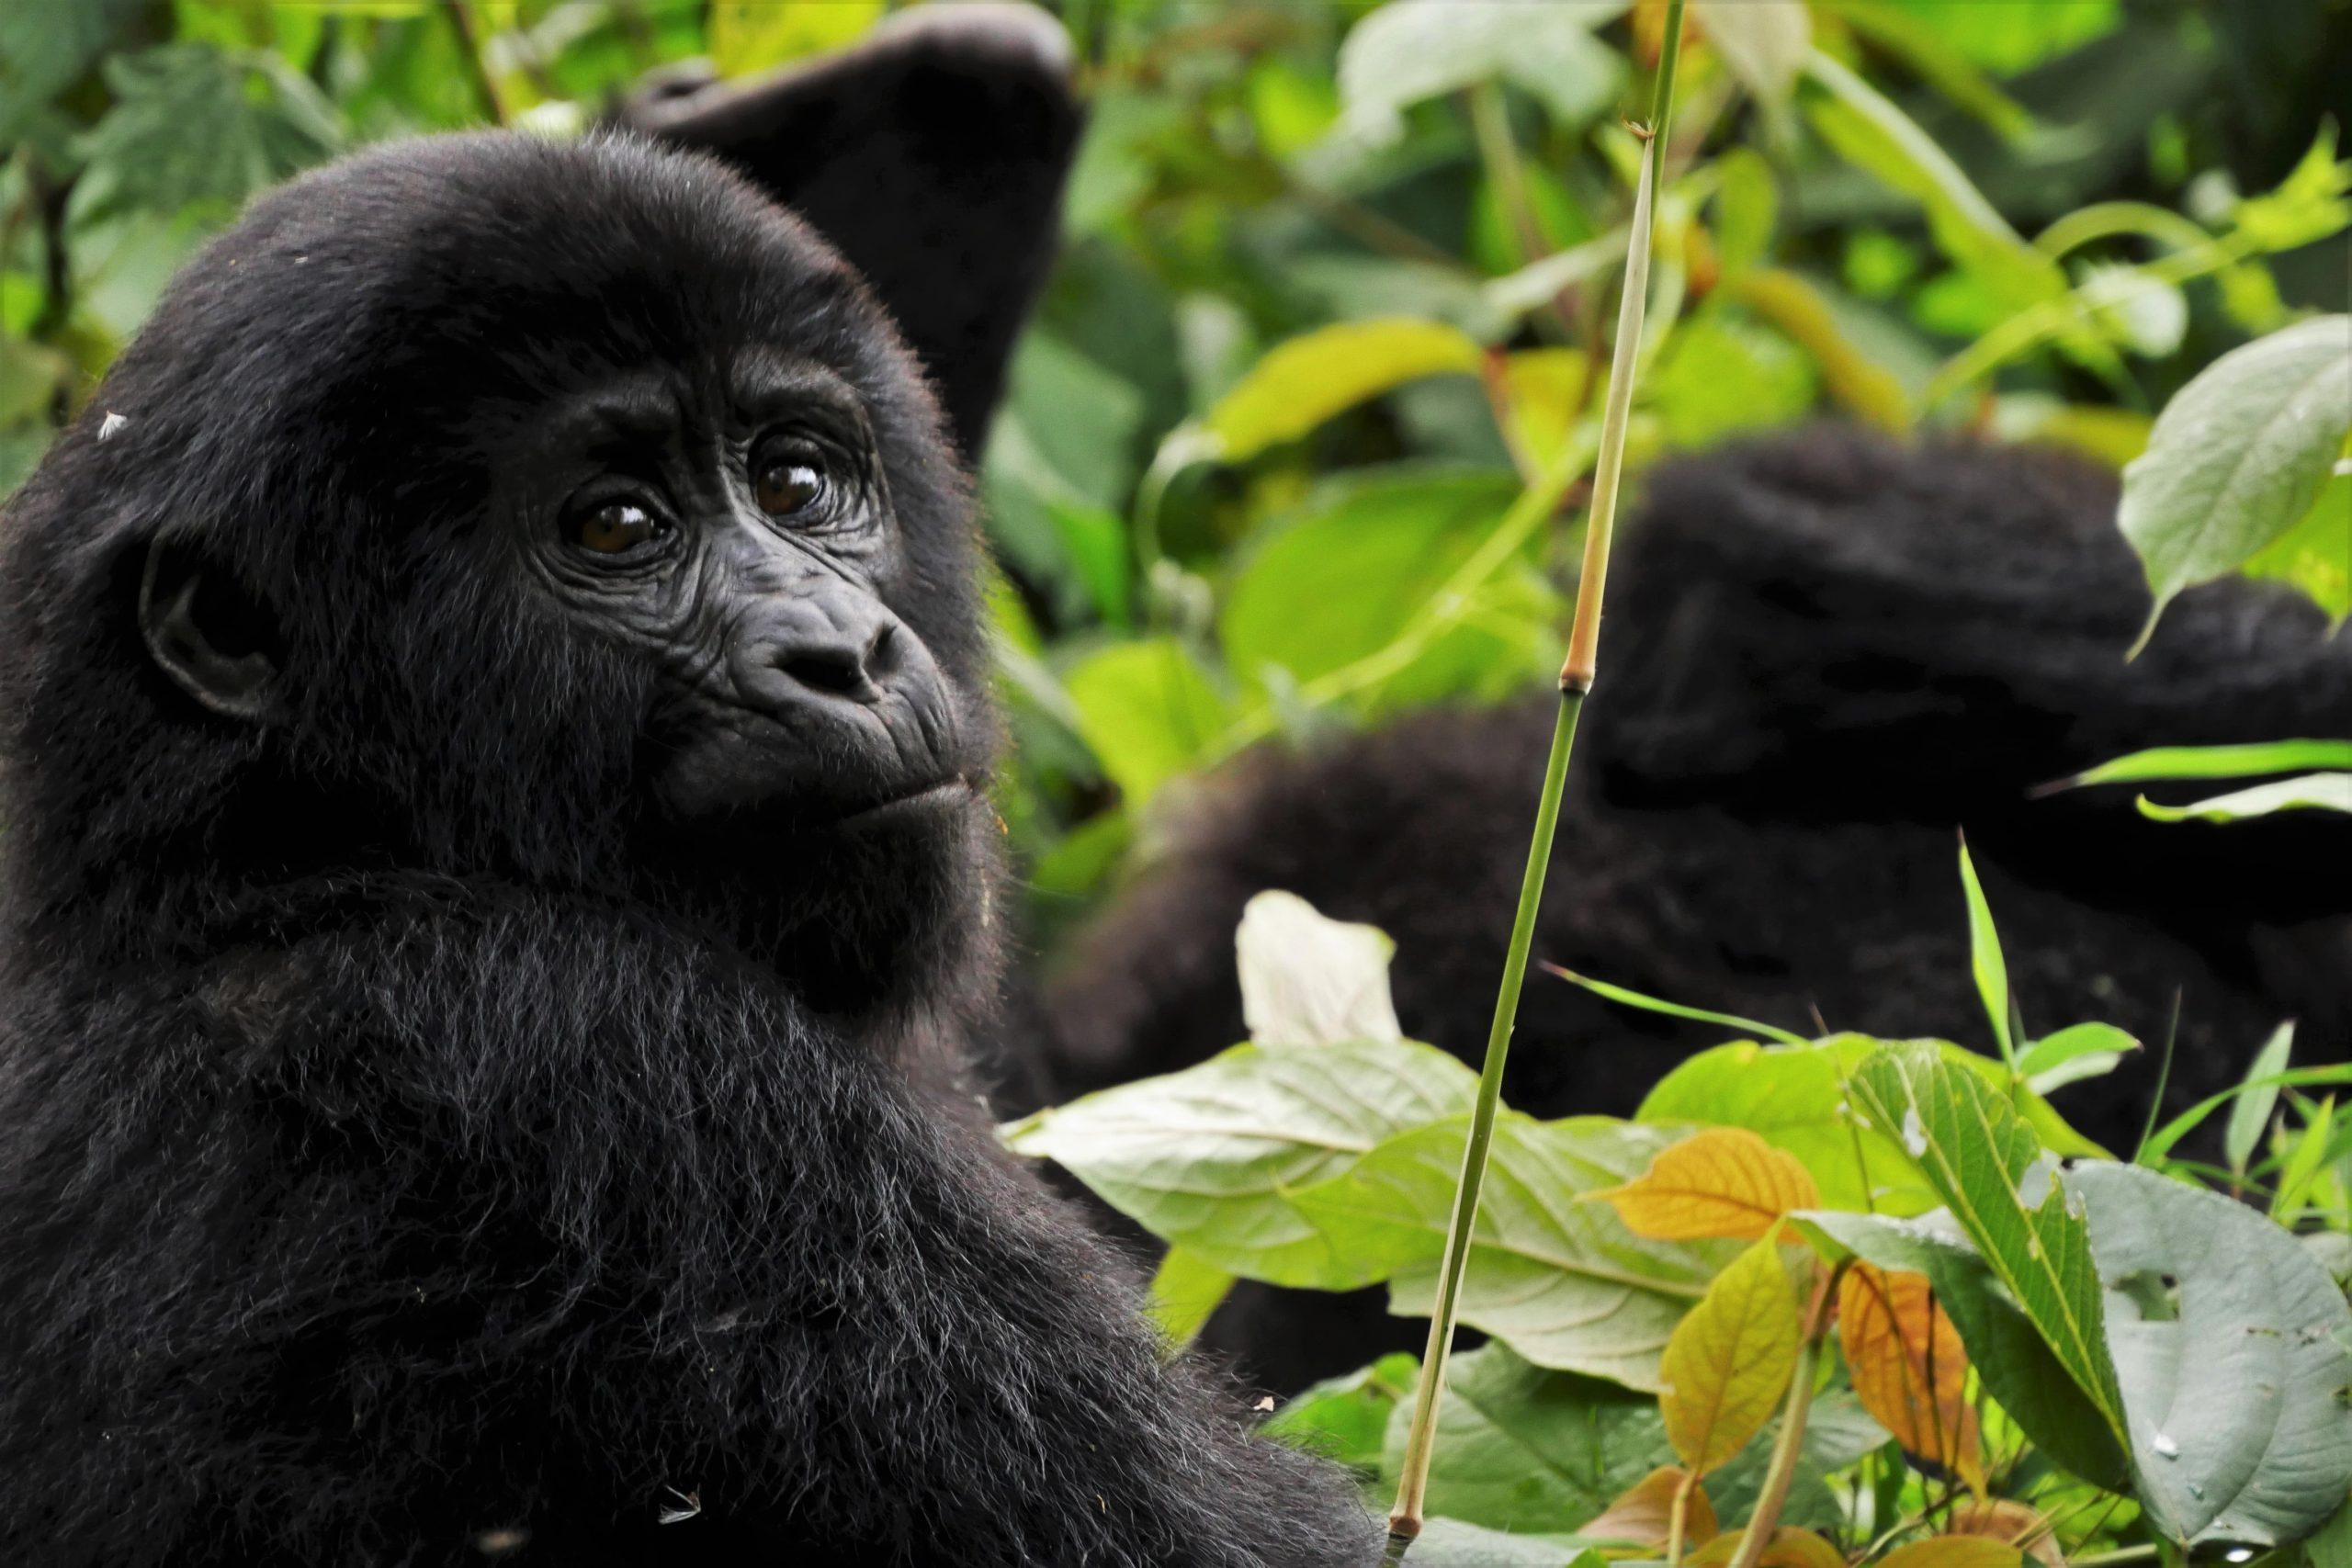 El hogar de los gorilas en la niebla./Foto: Unsplash